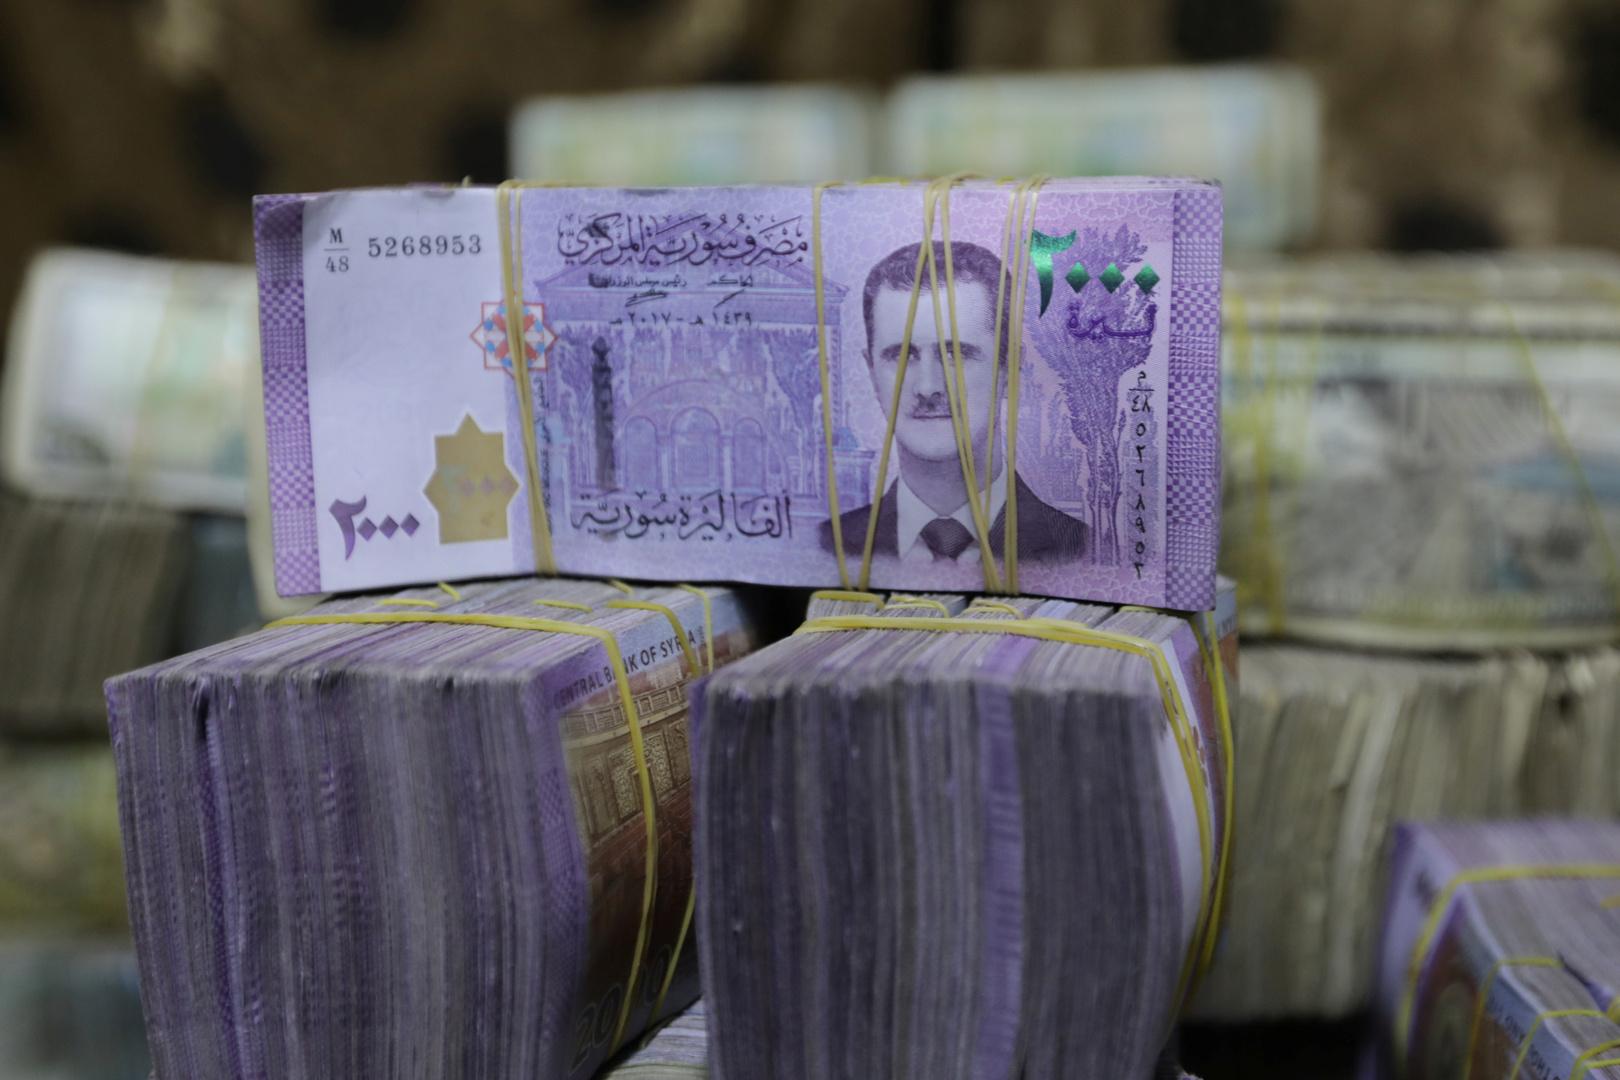 خبير: اقتصاد الظل في سوريا اتسع خلال الحرب وبات يشكل نحو ثلثي الاقتصاد -